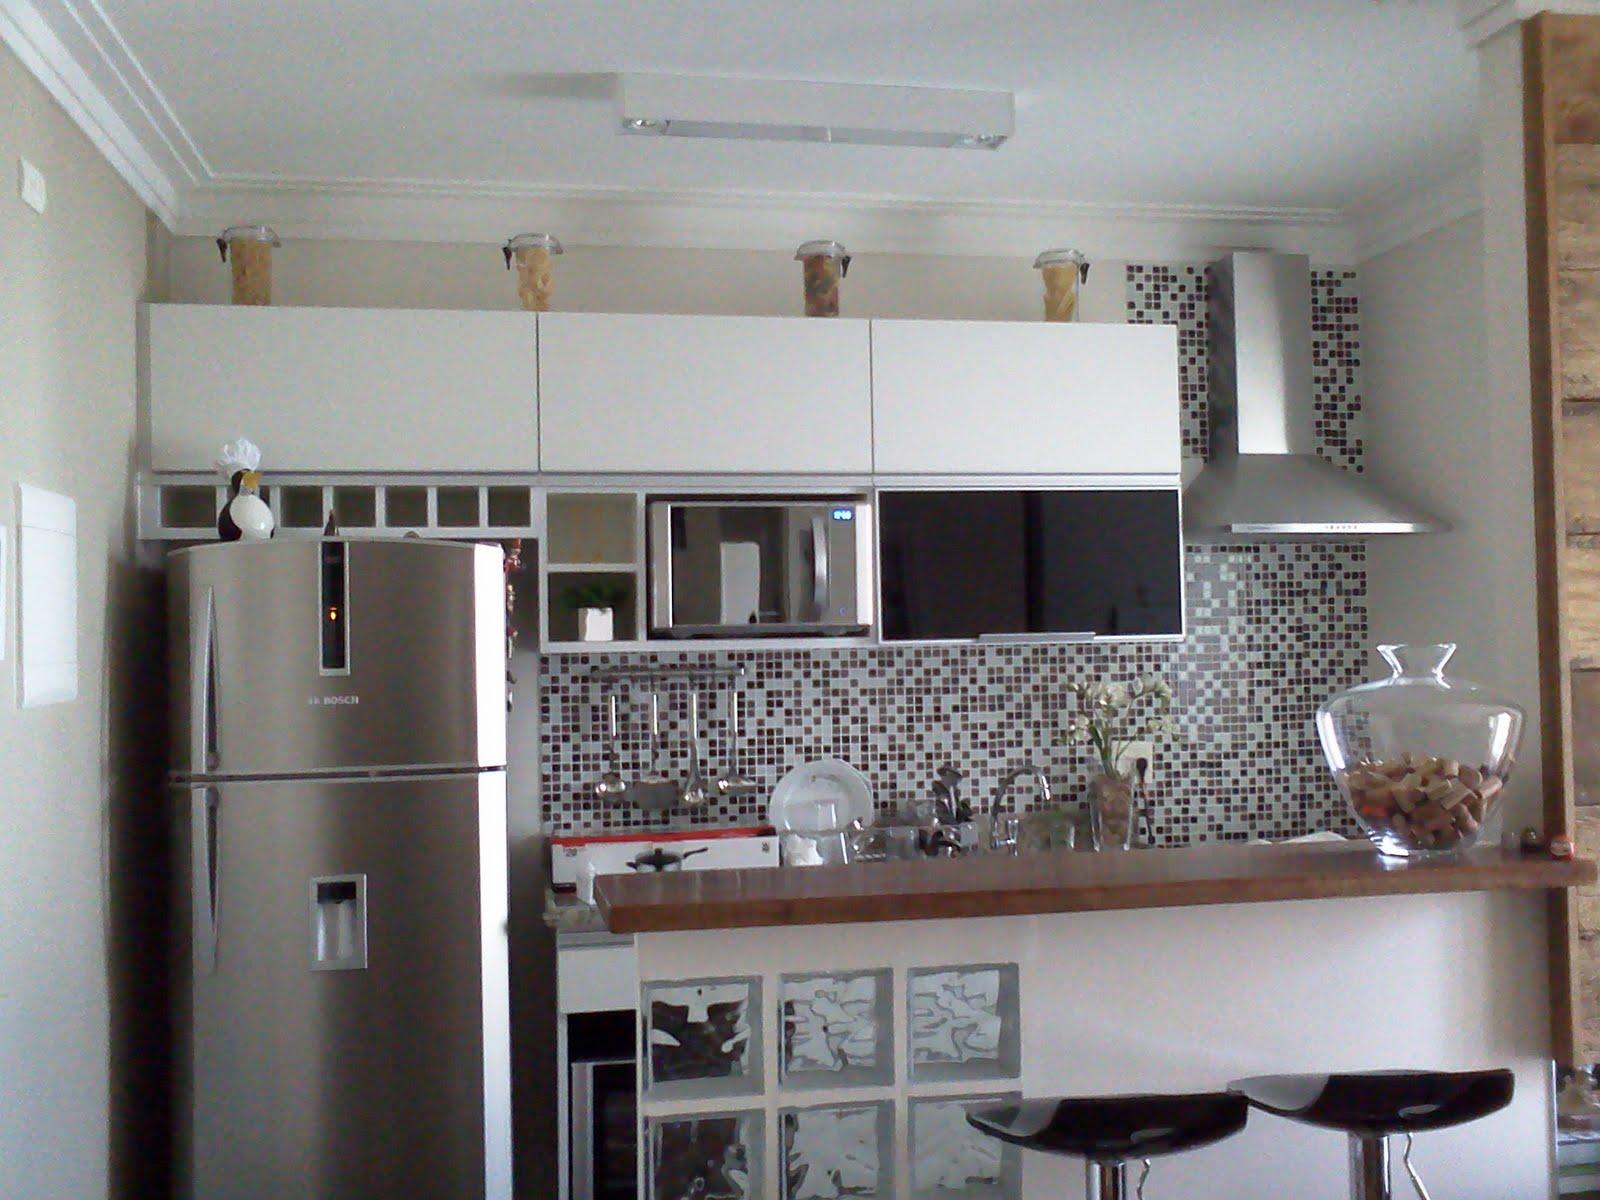 #604942 Loja online de Carmen Decor Carmen Indica — Carmen Decor 1600x1200 px Balcão Para Cozinha Americana De Marmore_2163 Imagens